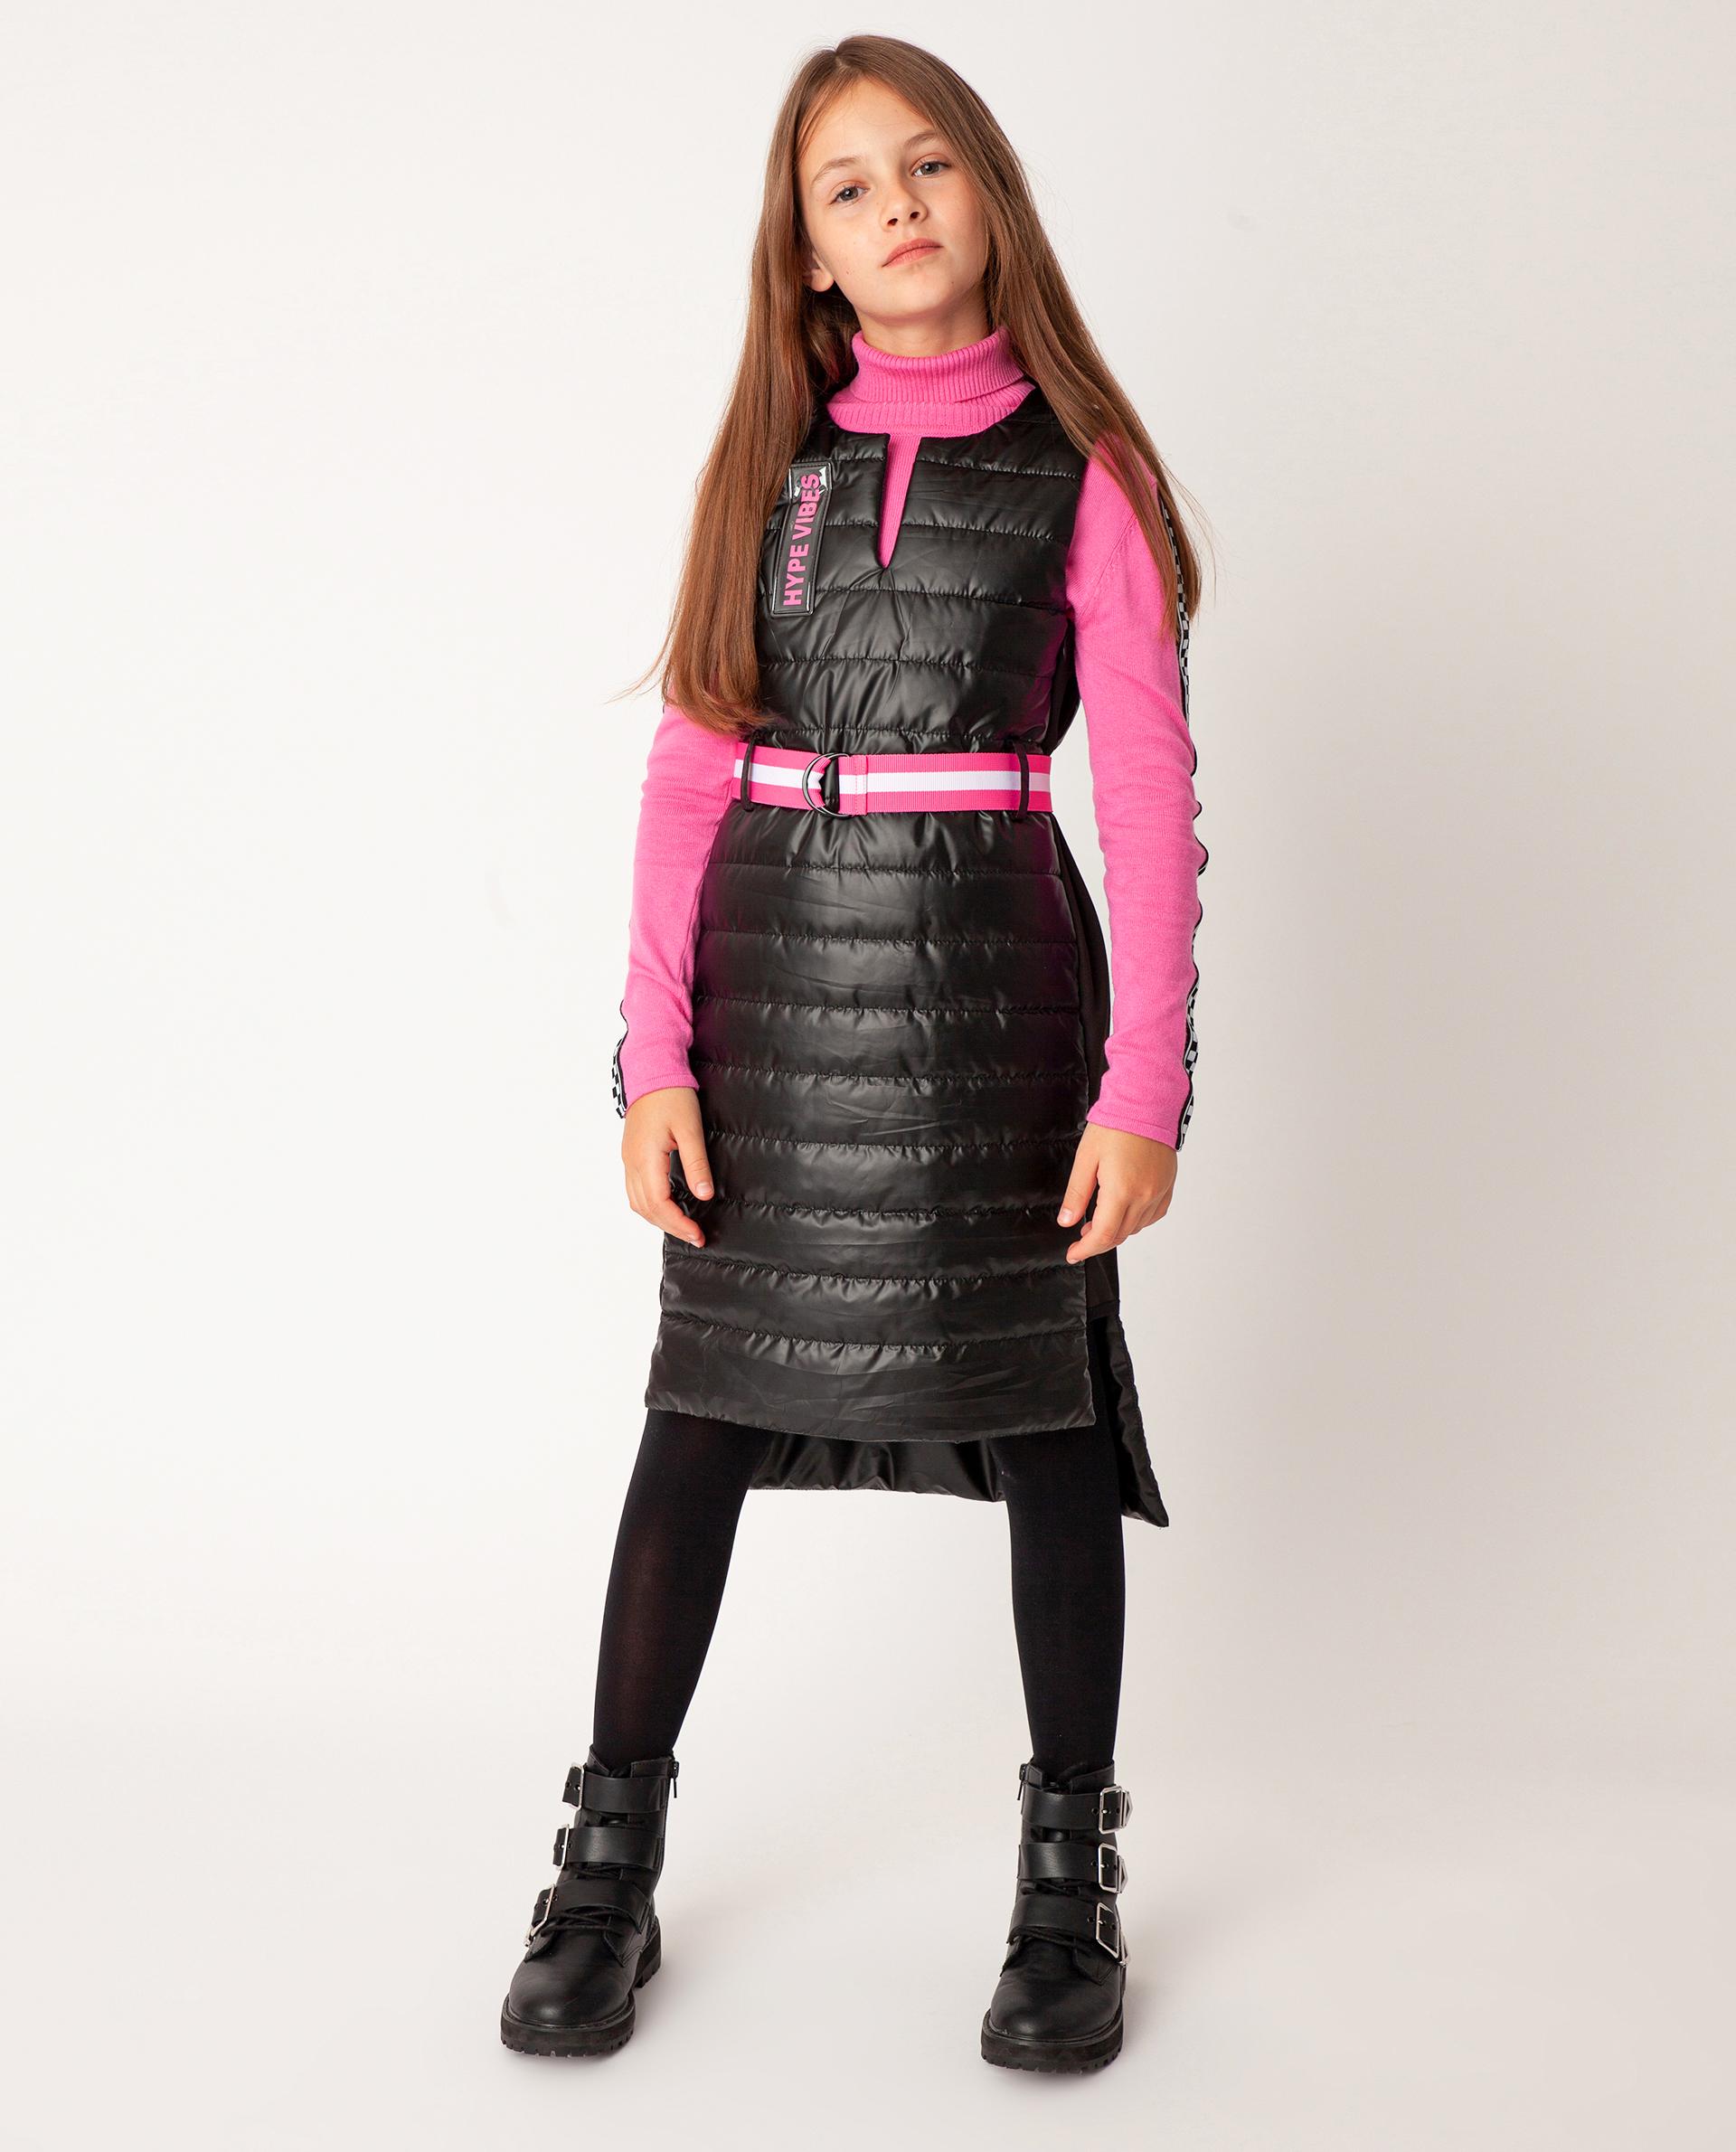 Купить 22009GJC3201, Розовая водолазка Gulliver, розовый, 170, Вязаный трикотаж, Женский, Демисезон, ОСЕНЬ/ЗИМА 2020-2021 (shop: GulliverMarket Gulliver Market)